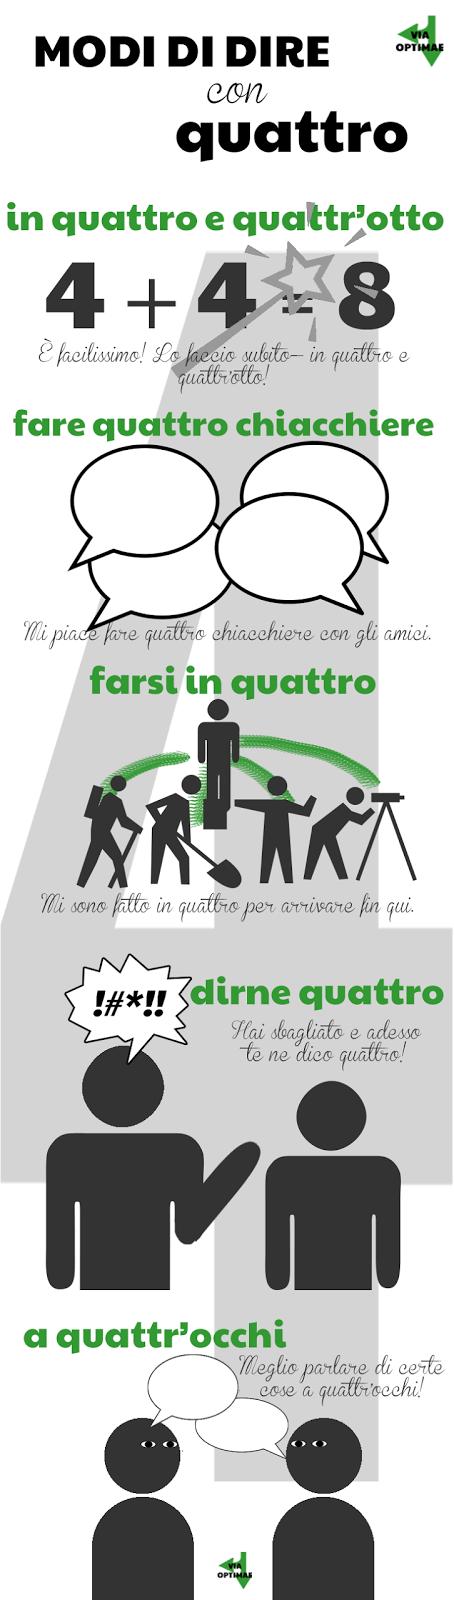 Modi di dire con quattro, in quattro e quattr'otto, fare quattro chiacchiere, farsi in quattro, dirne quattro, a quattr'occhi, learn Italian with Via Optimae, www.viaoptimae.com